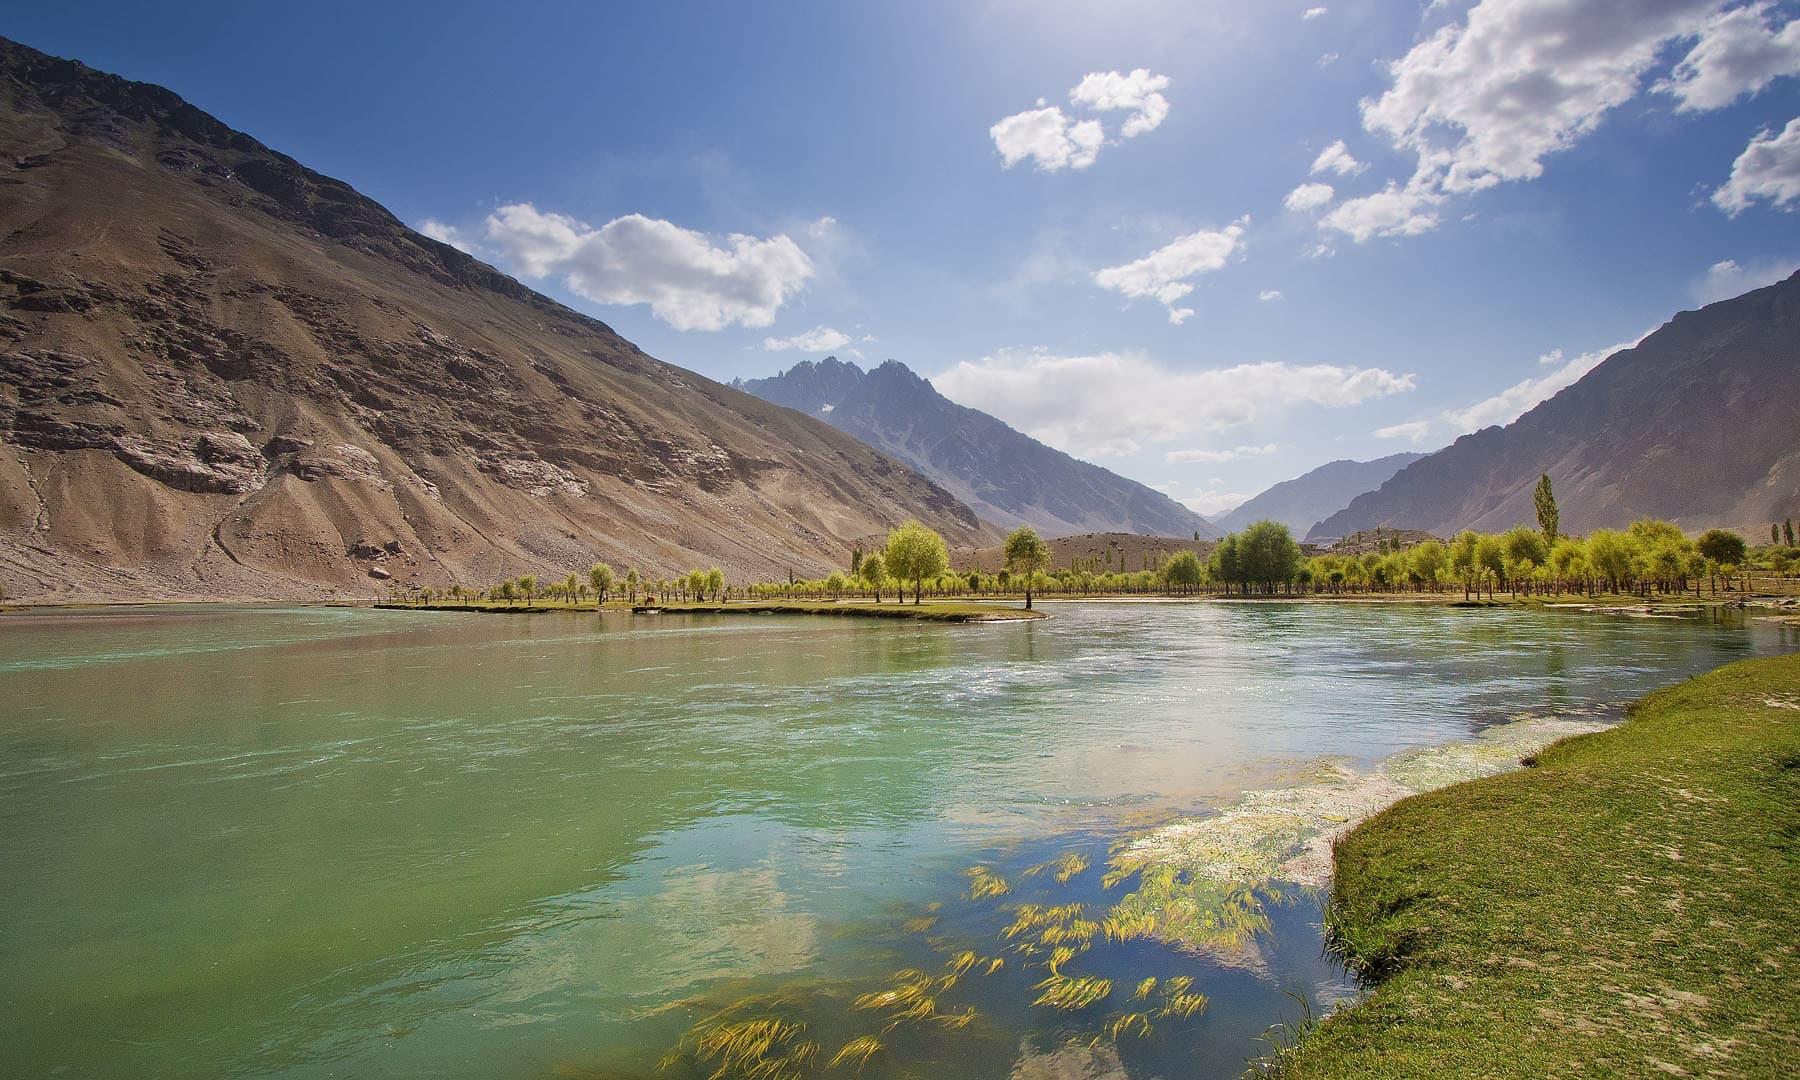 پھنڈر کے قریب دریائے غذر— فوٹو سید مہدی بخاری